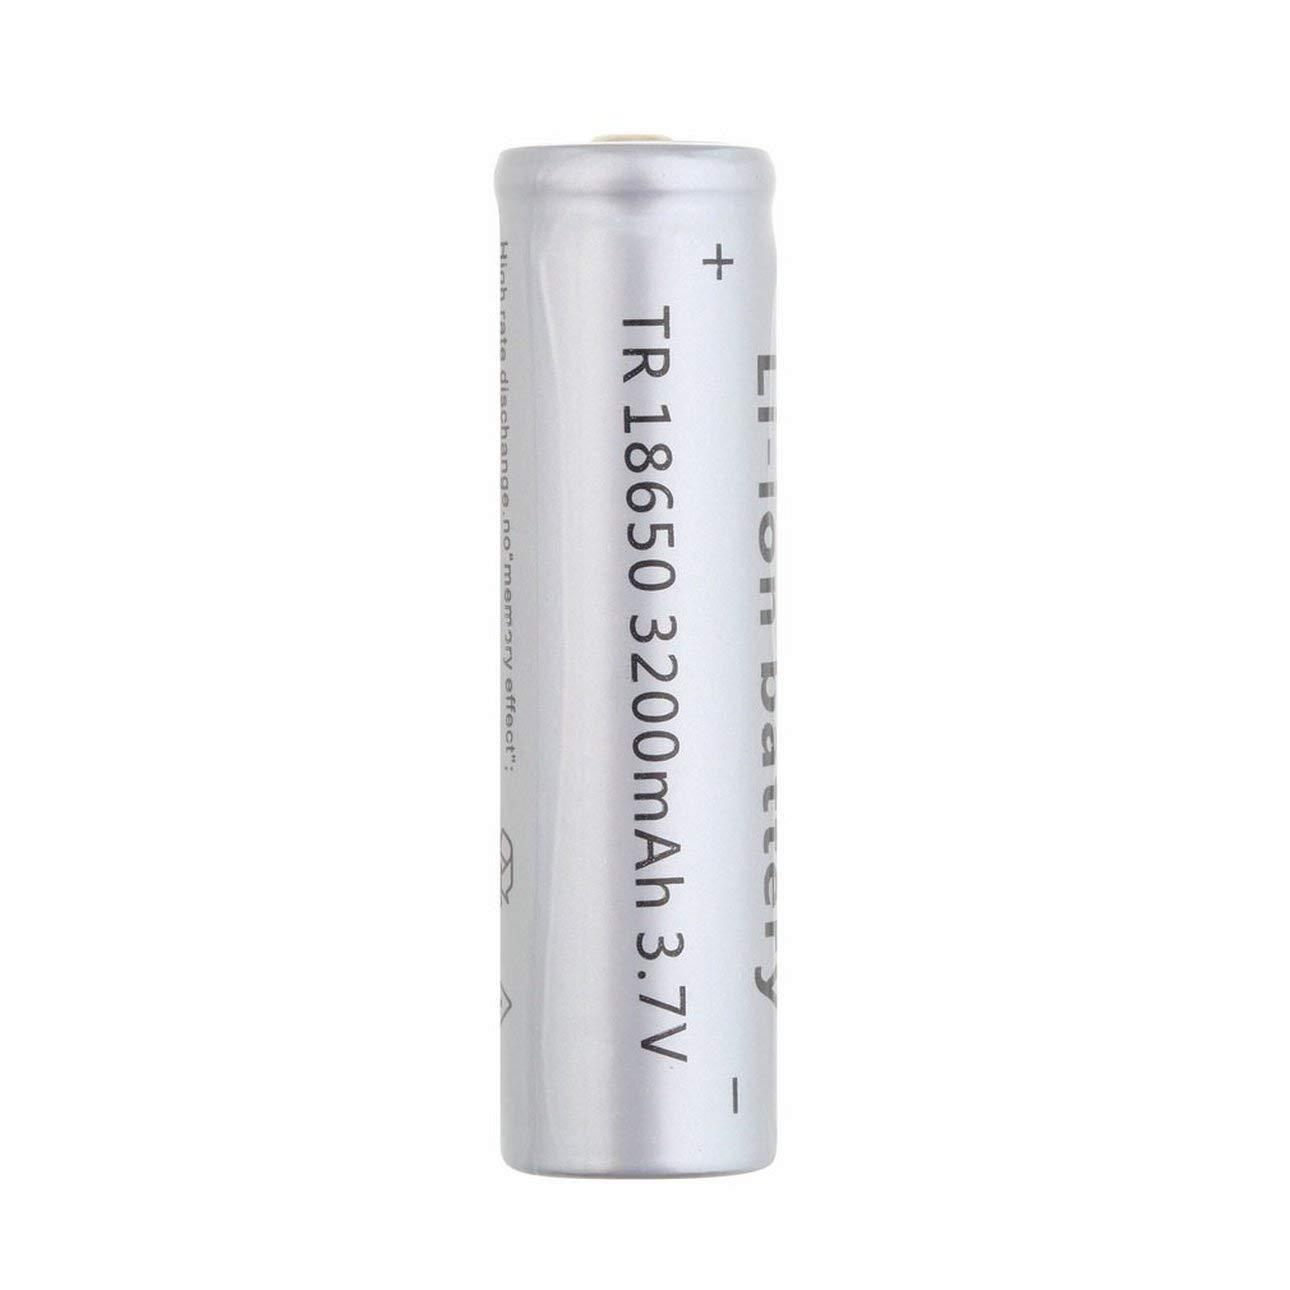 18650 3200mAh 3.7V Batterie Li-ion non proté gé e rechargeable É clairage de secours des appareils portatifs Outil é lectrique de Ballylelly